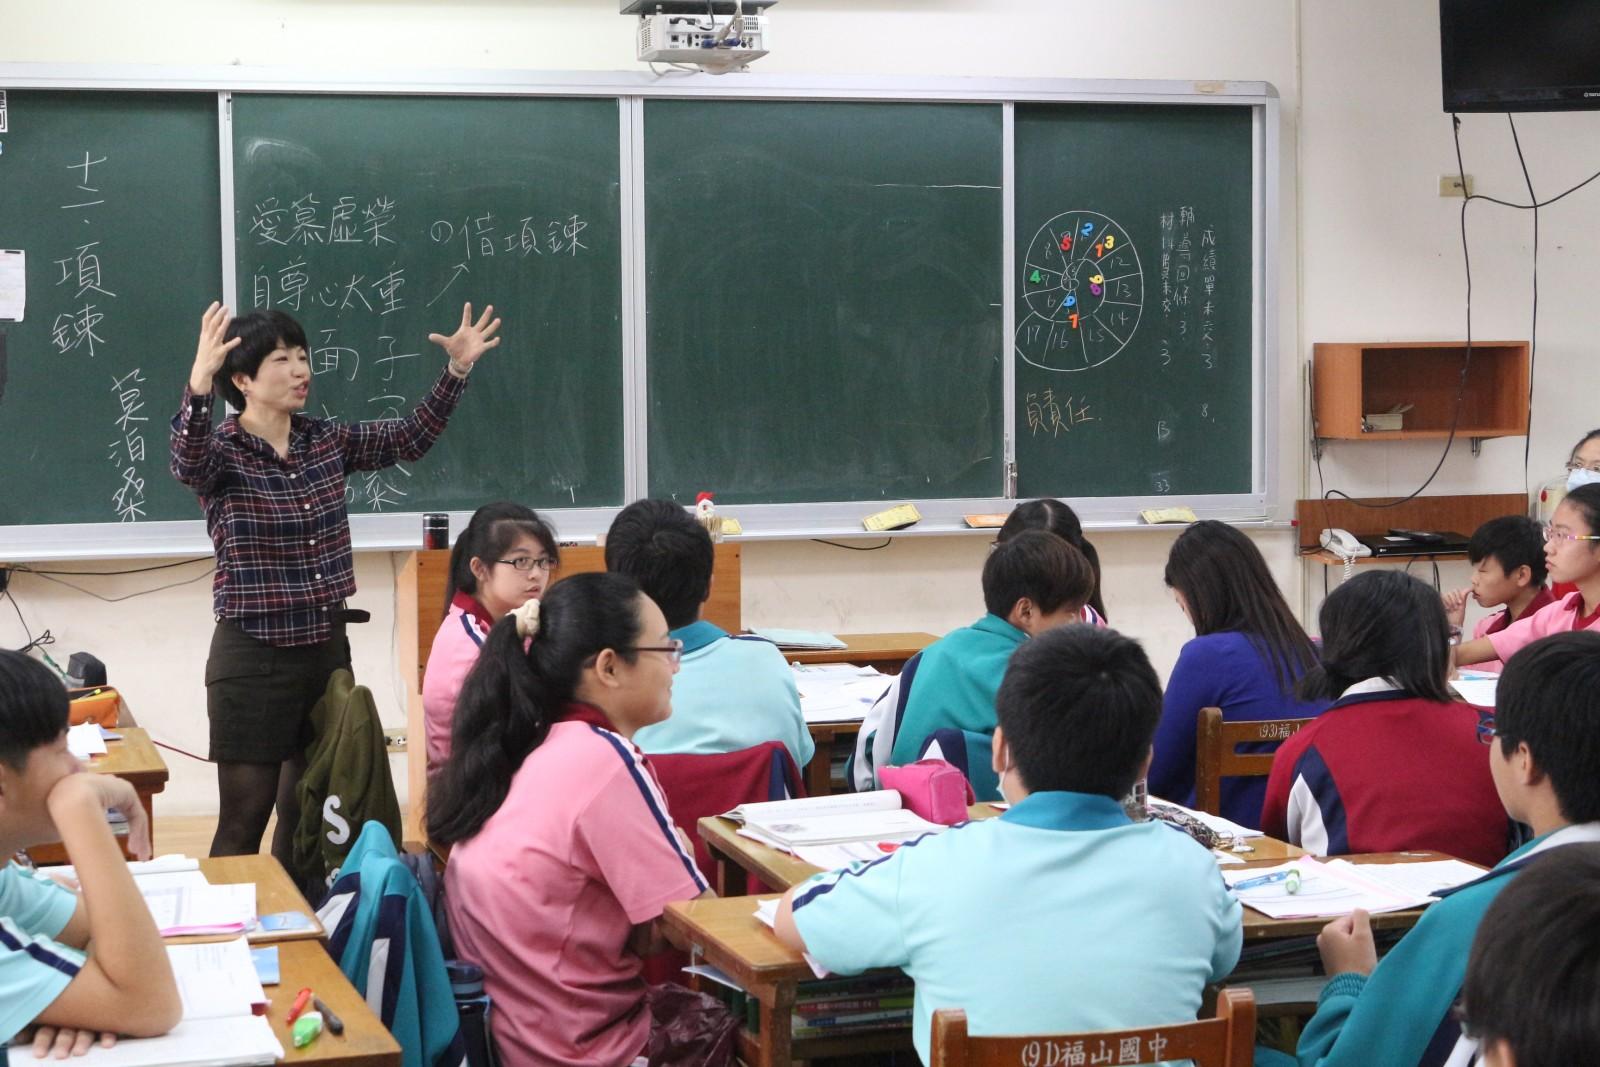 翻轉課堂學習、將講台還給學生